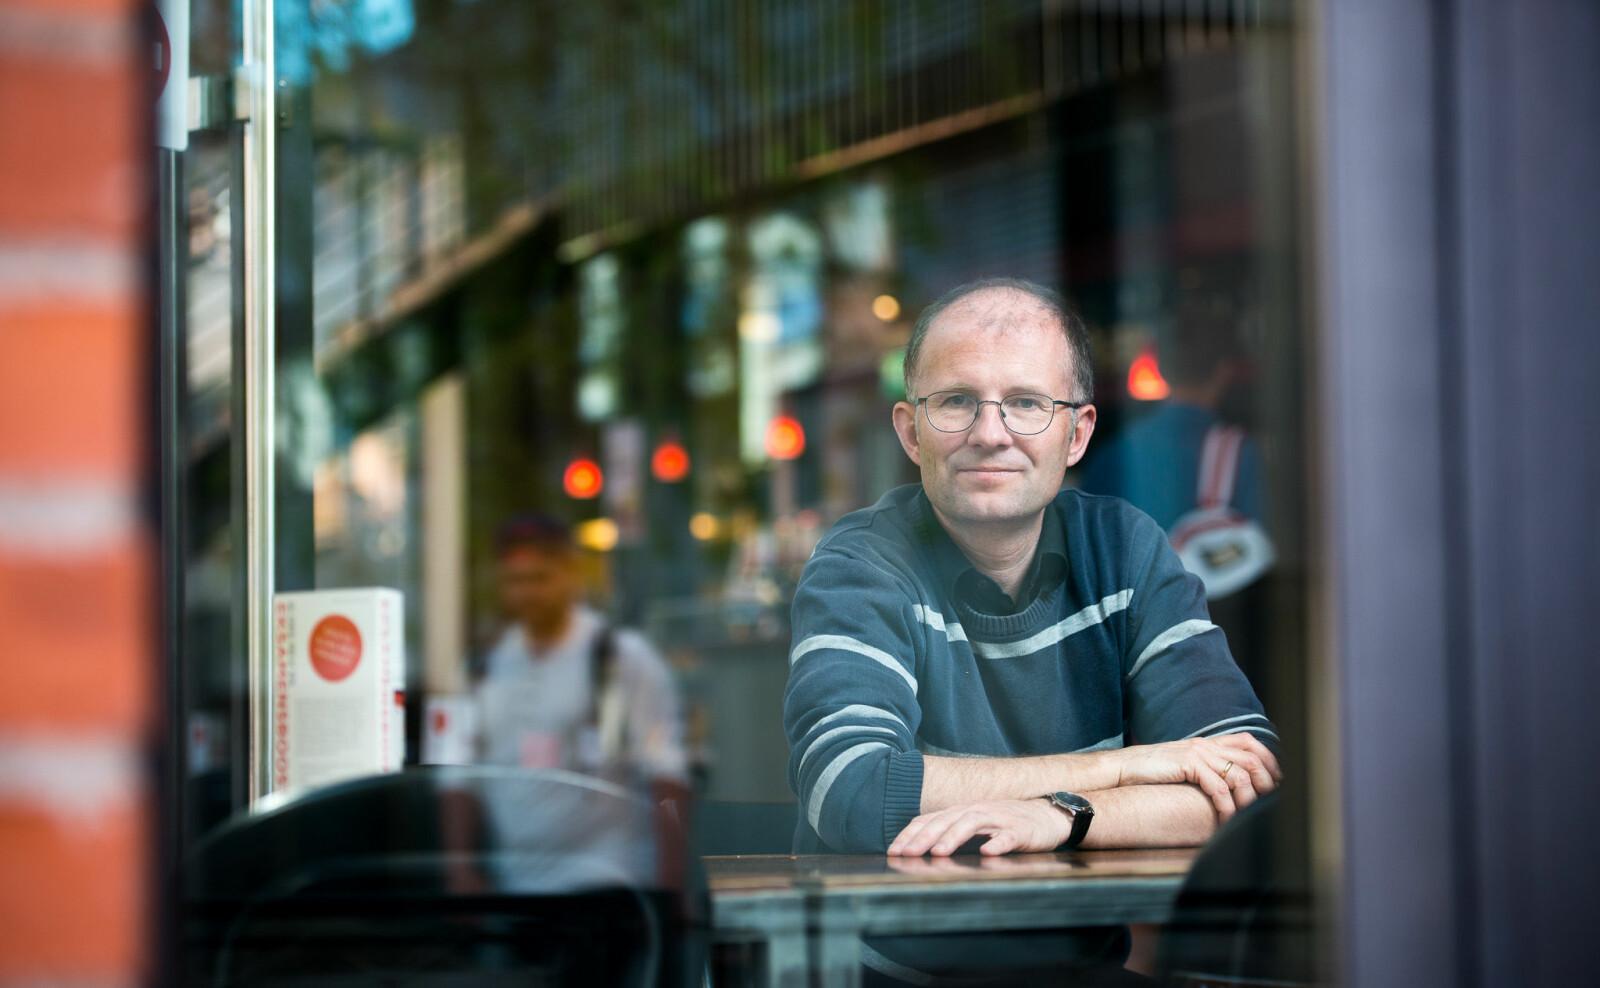 Professor i universitetshistorie, Fredrik W. Thue, realiserte seg sjølv i Bergen på 1980- og 90-talet. —Dogme om korleis ungdom orienterer seg slår ofte feil, seier han.